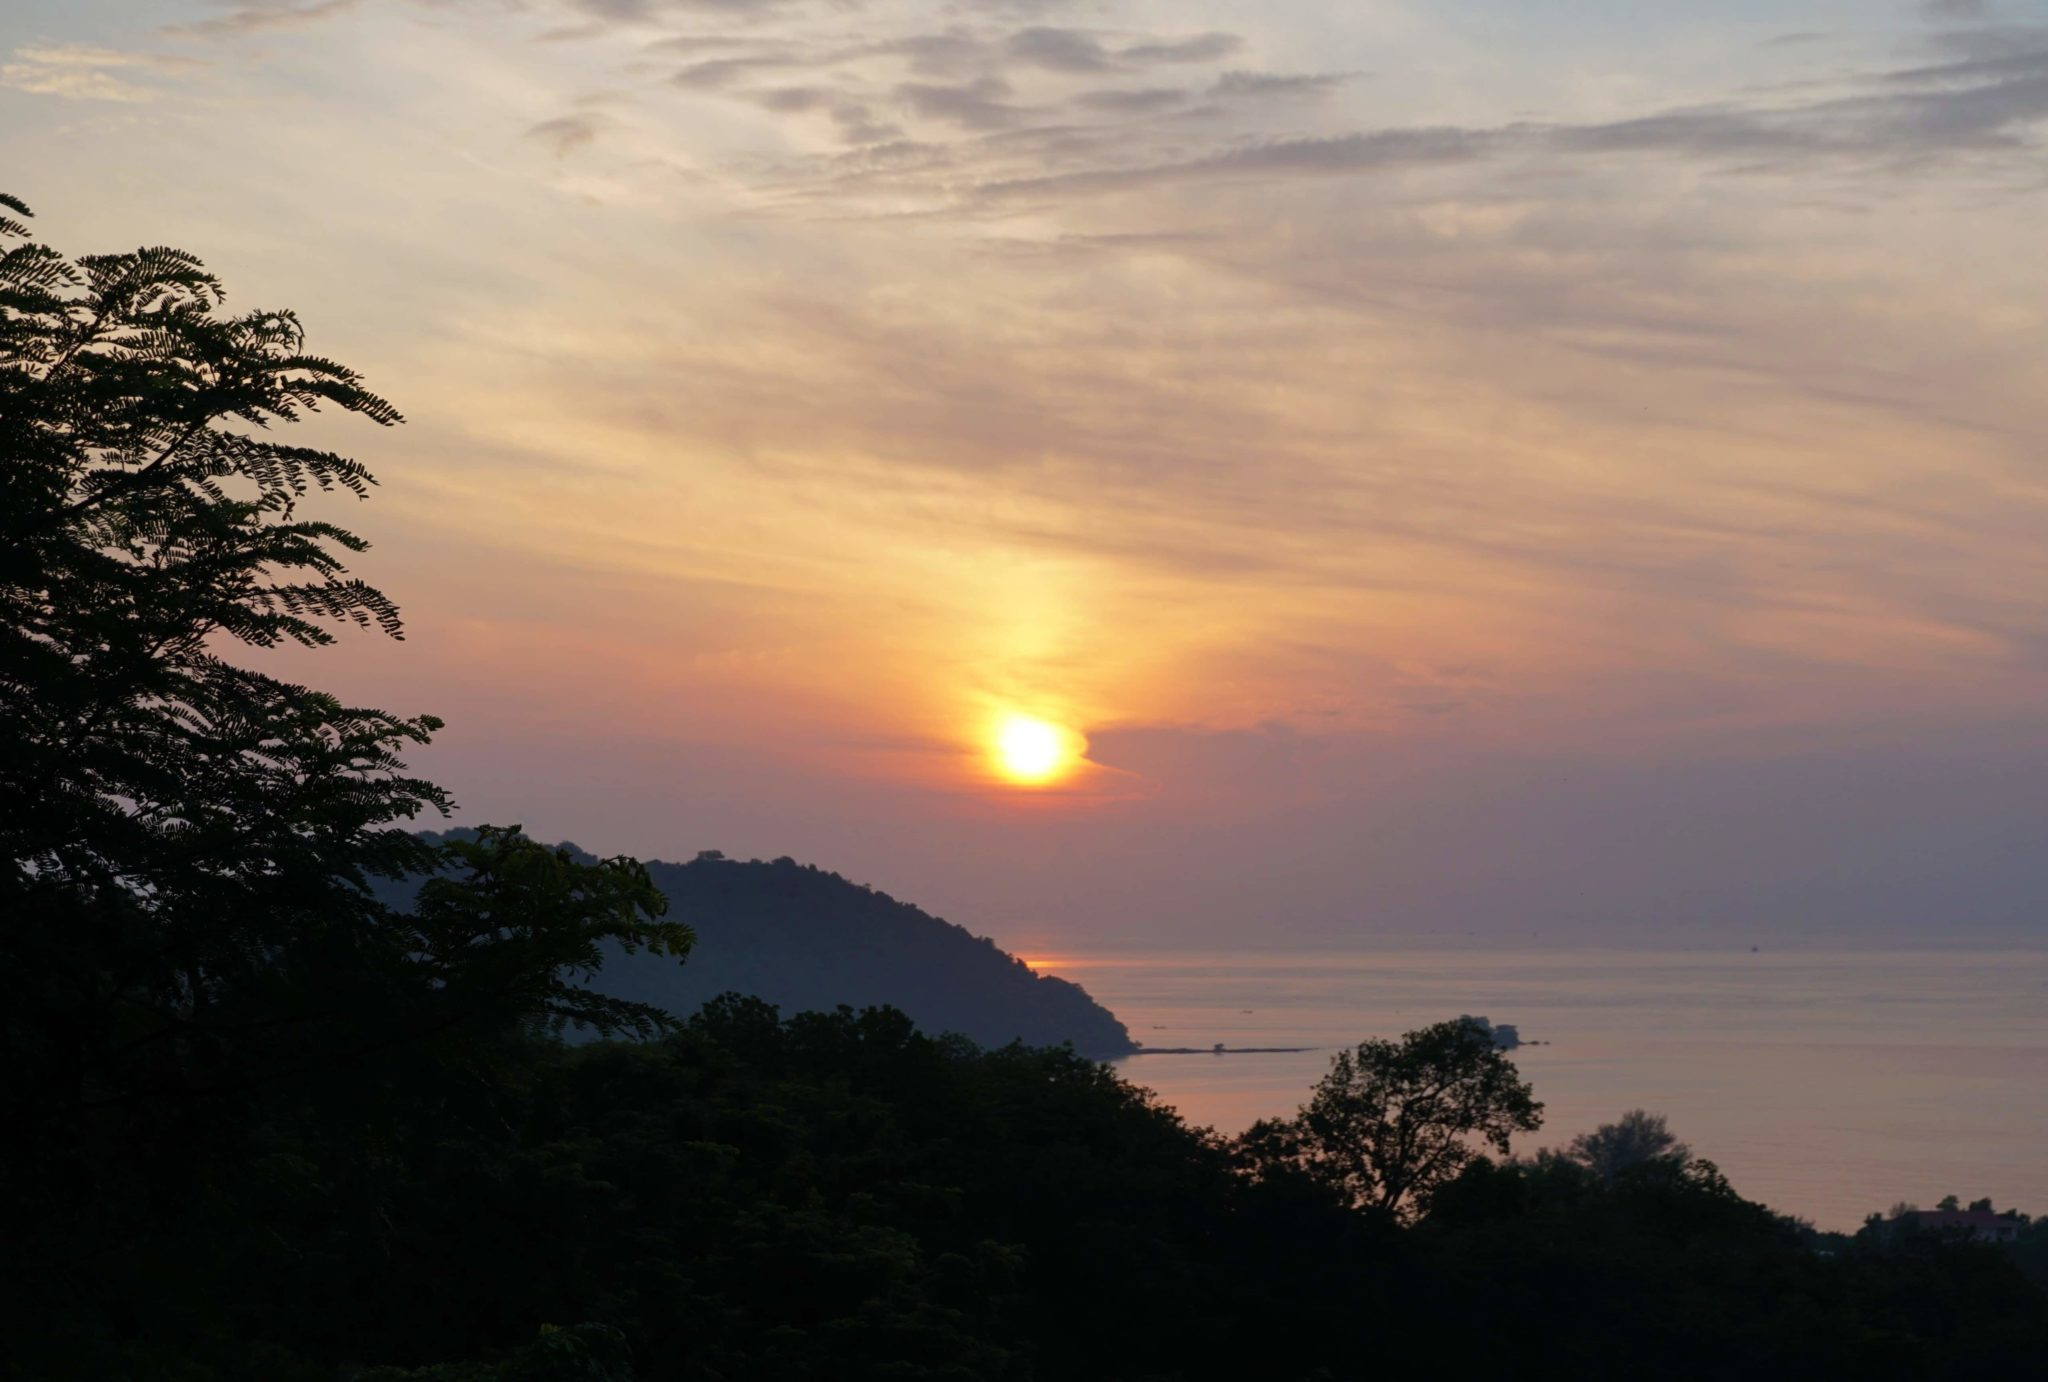 Sonnenaufgang über dem Meer. Ausblick aus unserer Workaway-Unterkunft.